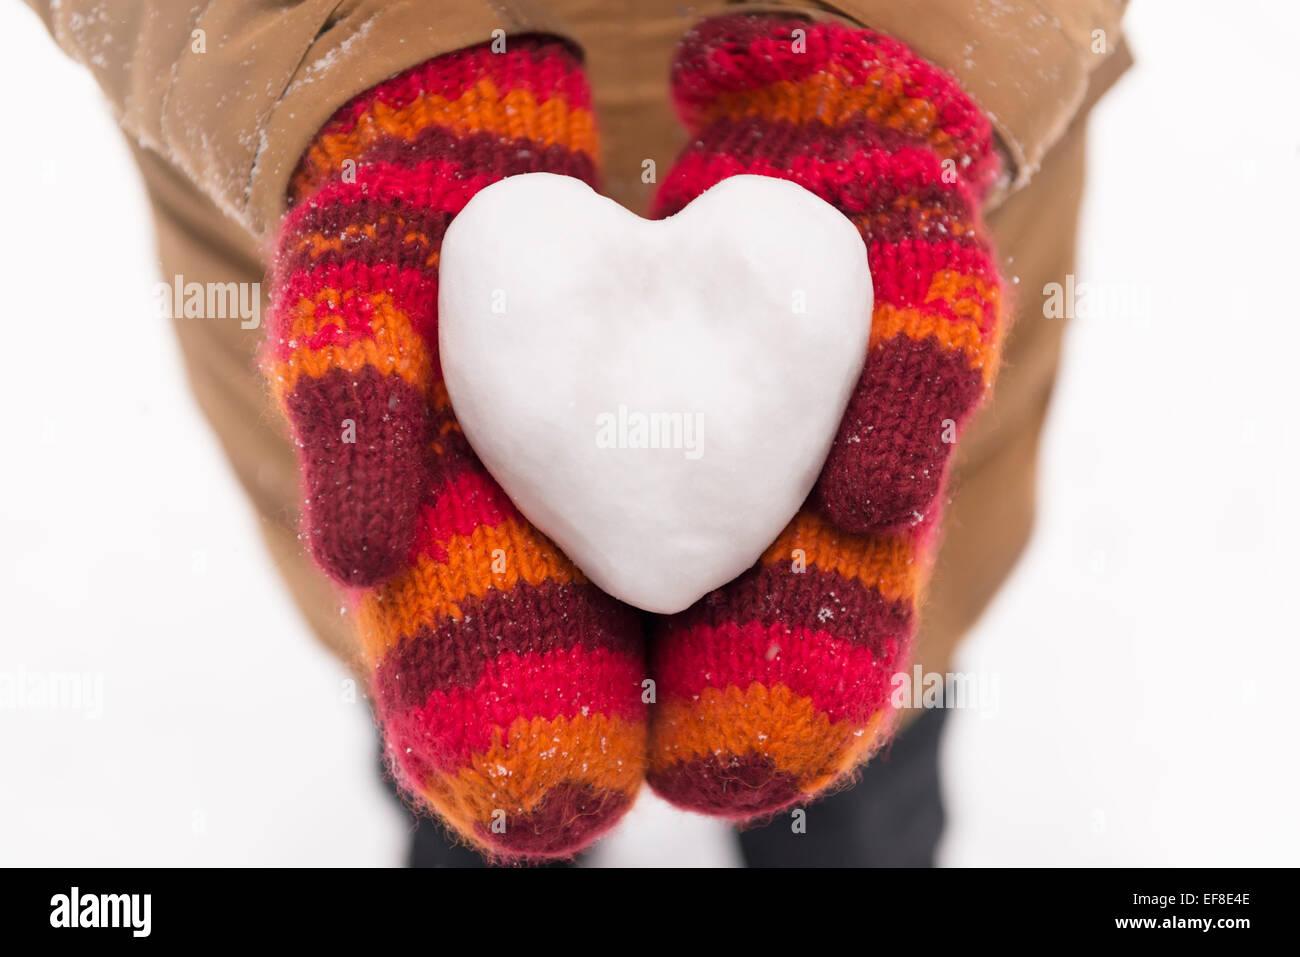 Mulher em vermelho mitenes segurando um coração feito de neve, close-up das mãos, conceito romântico Imagens de Stock